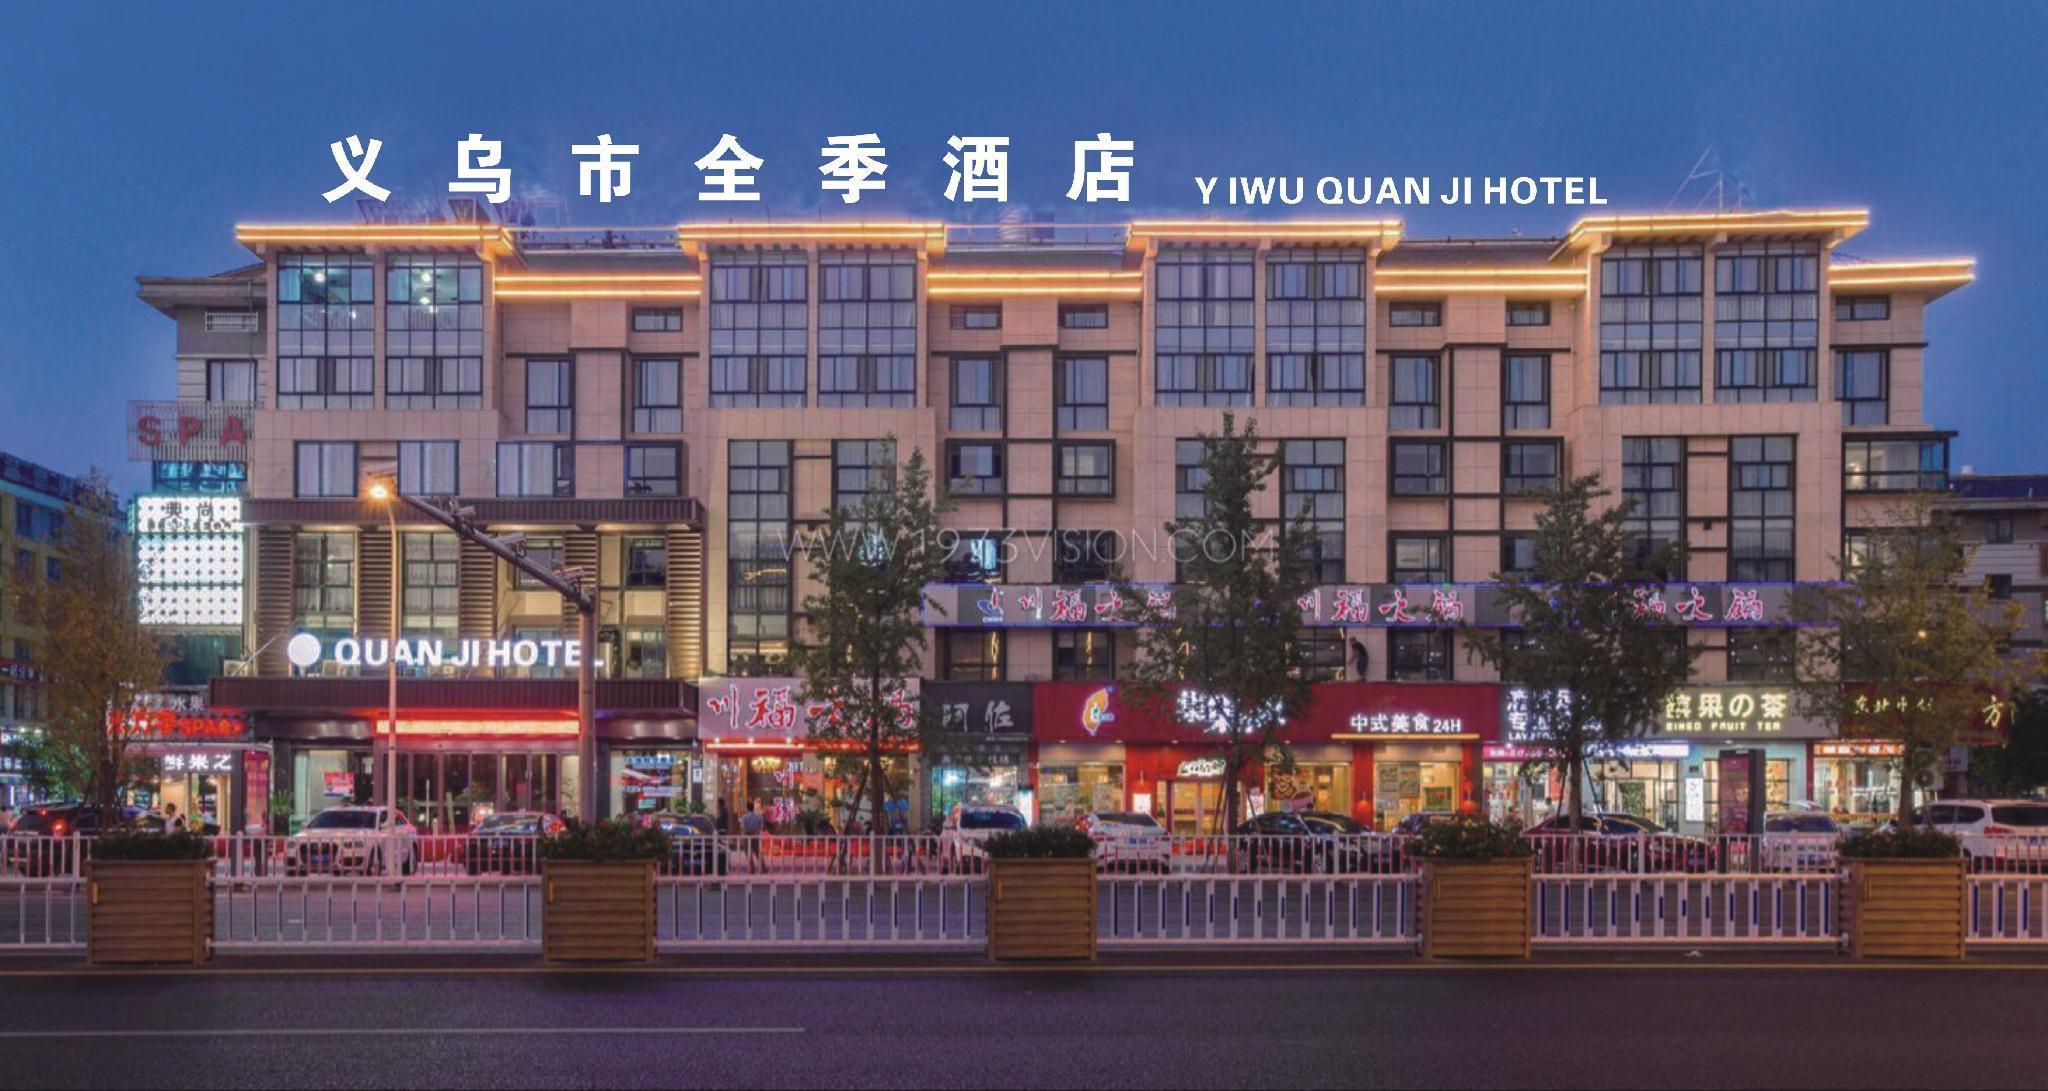 Yiwu QuanJi Hotel